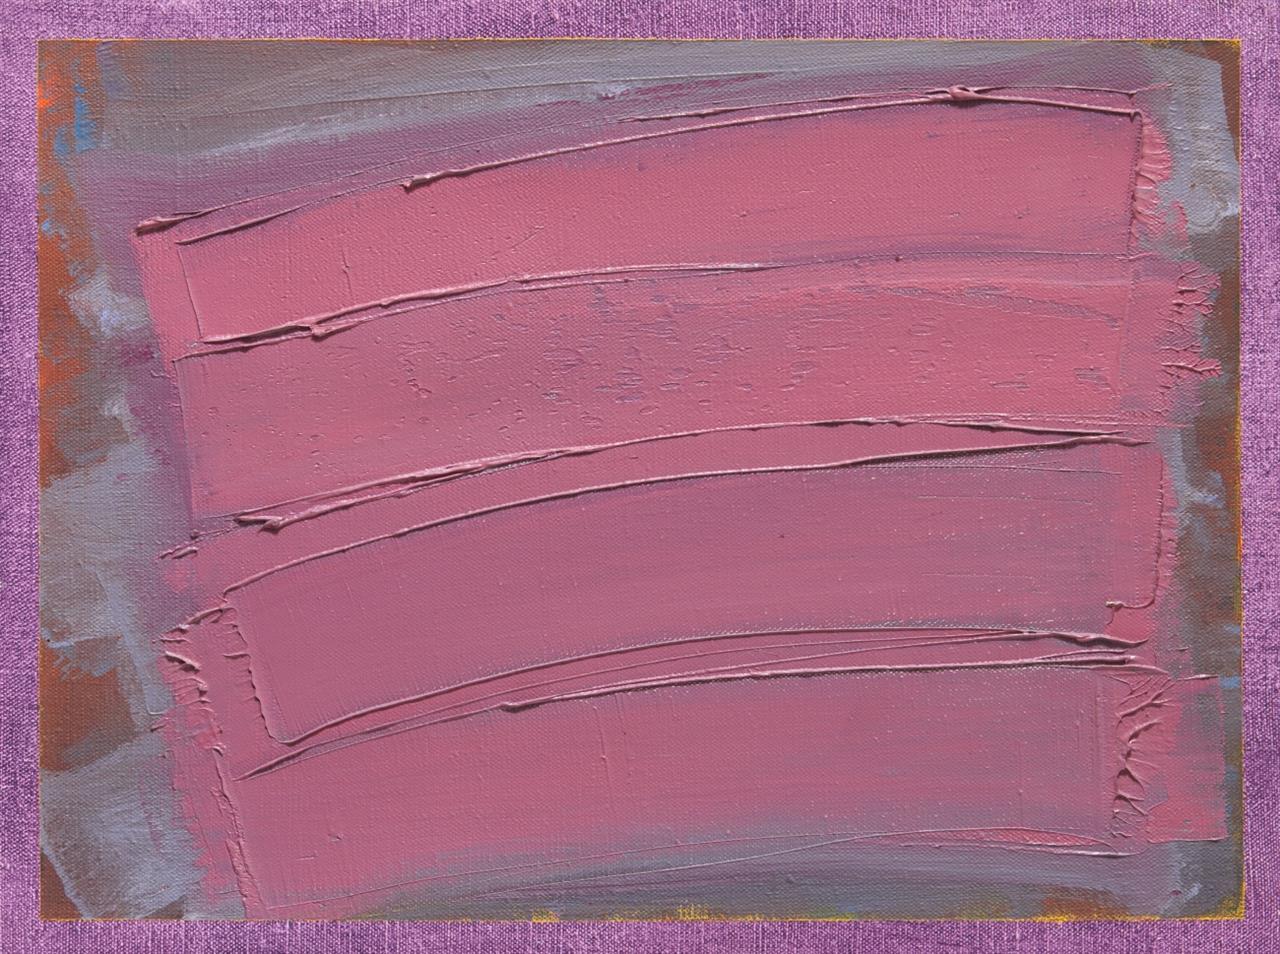 Claudio Verna. Ohne Titel. 1978. Öl auf Leinwand. Verso signiert.